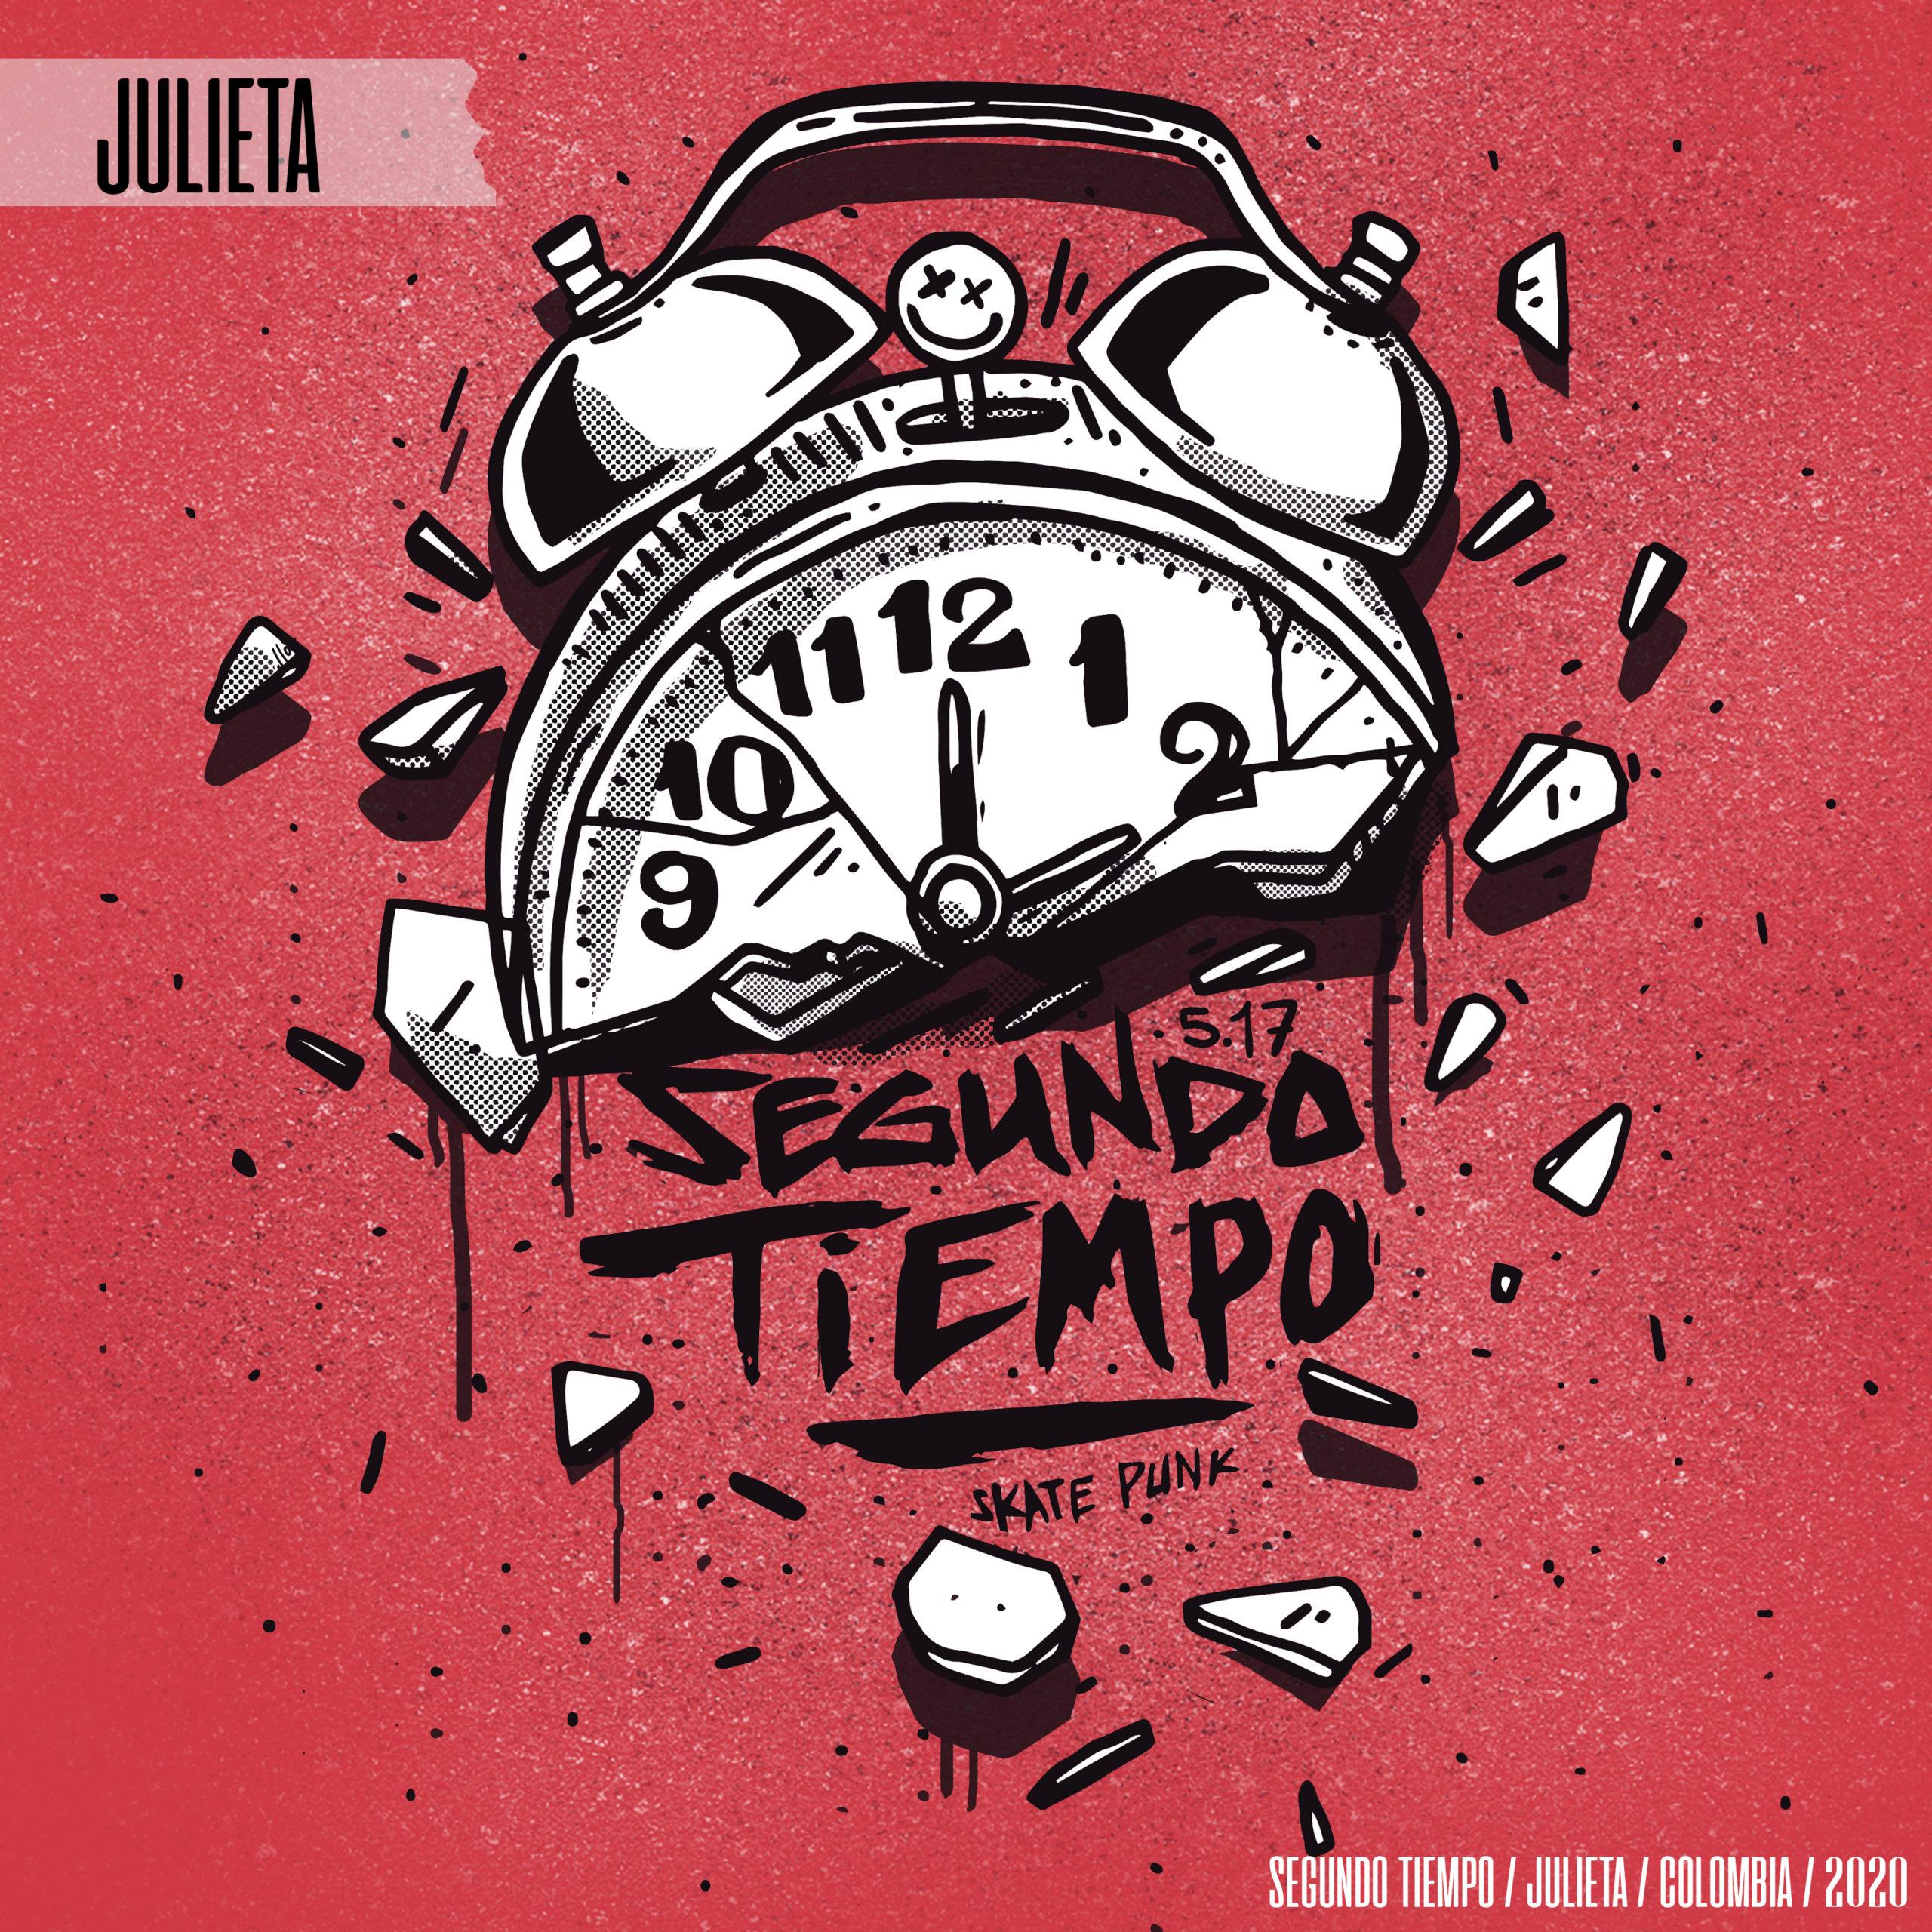 Segundo Tiempo - Julieta